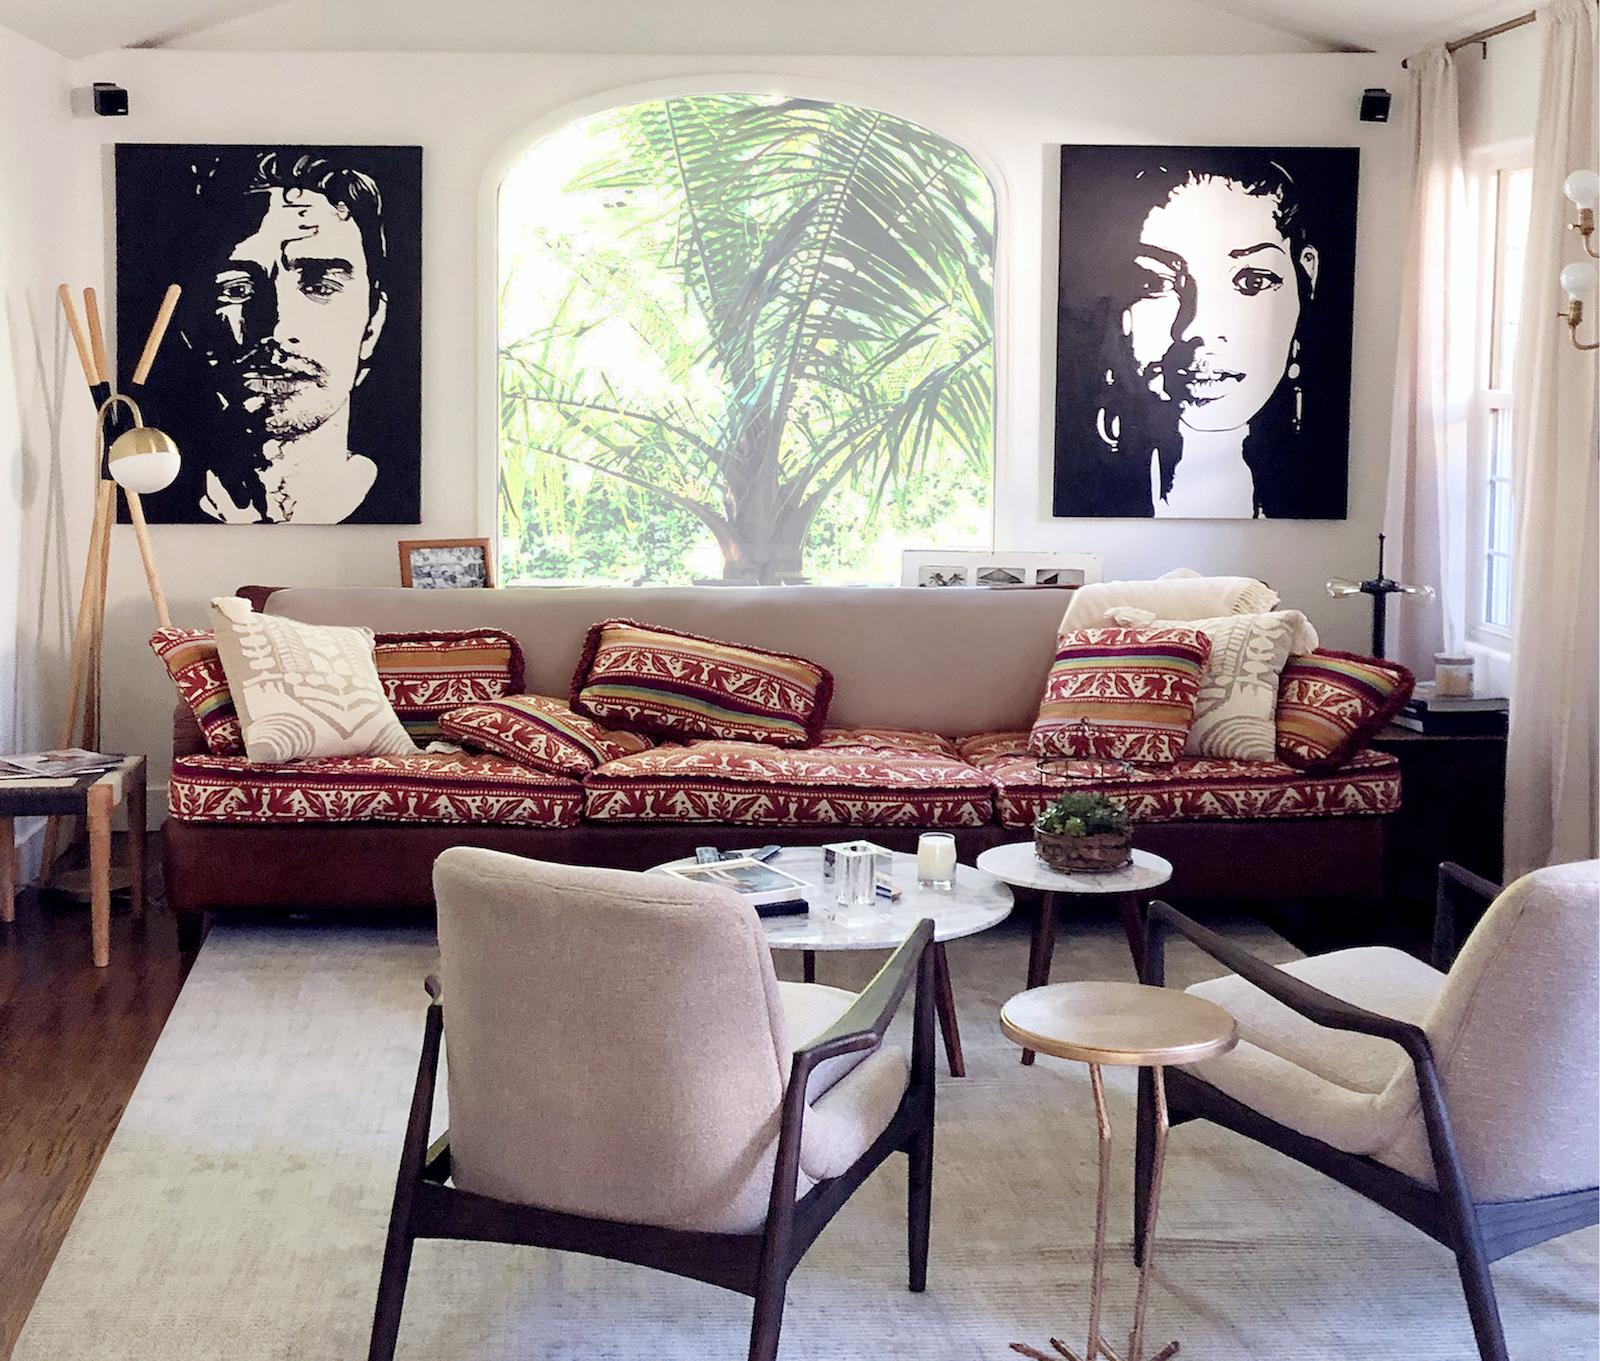 interior-macks-living-room-best-pic.jpg